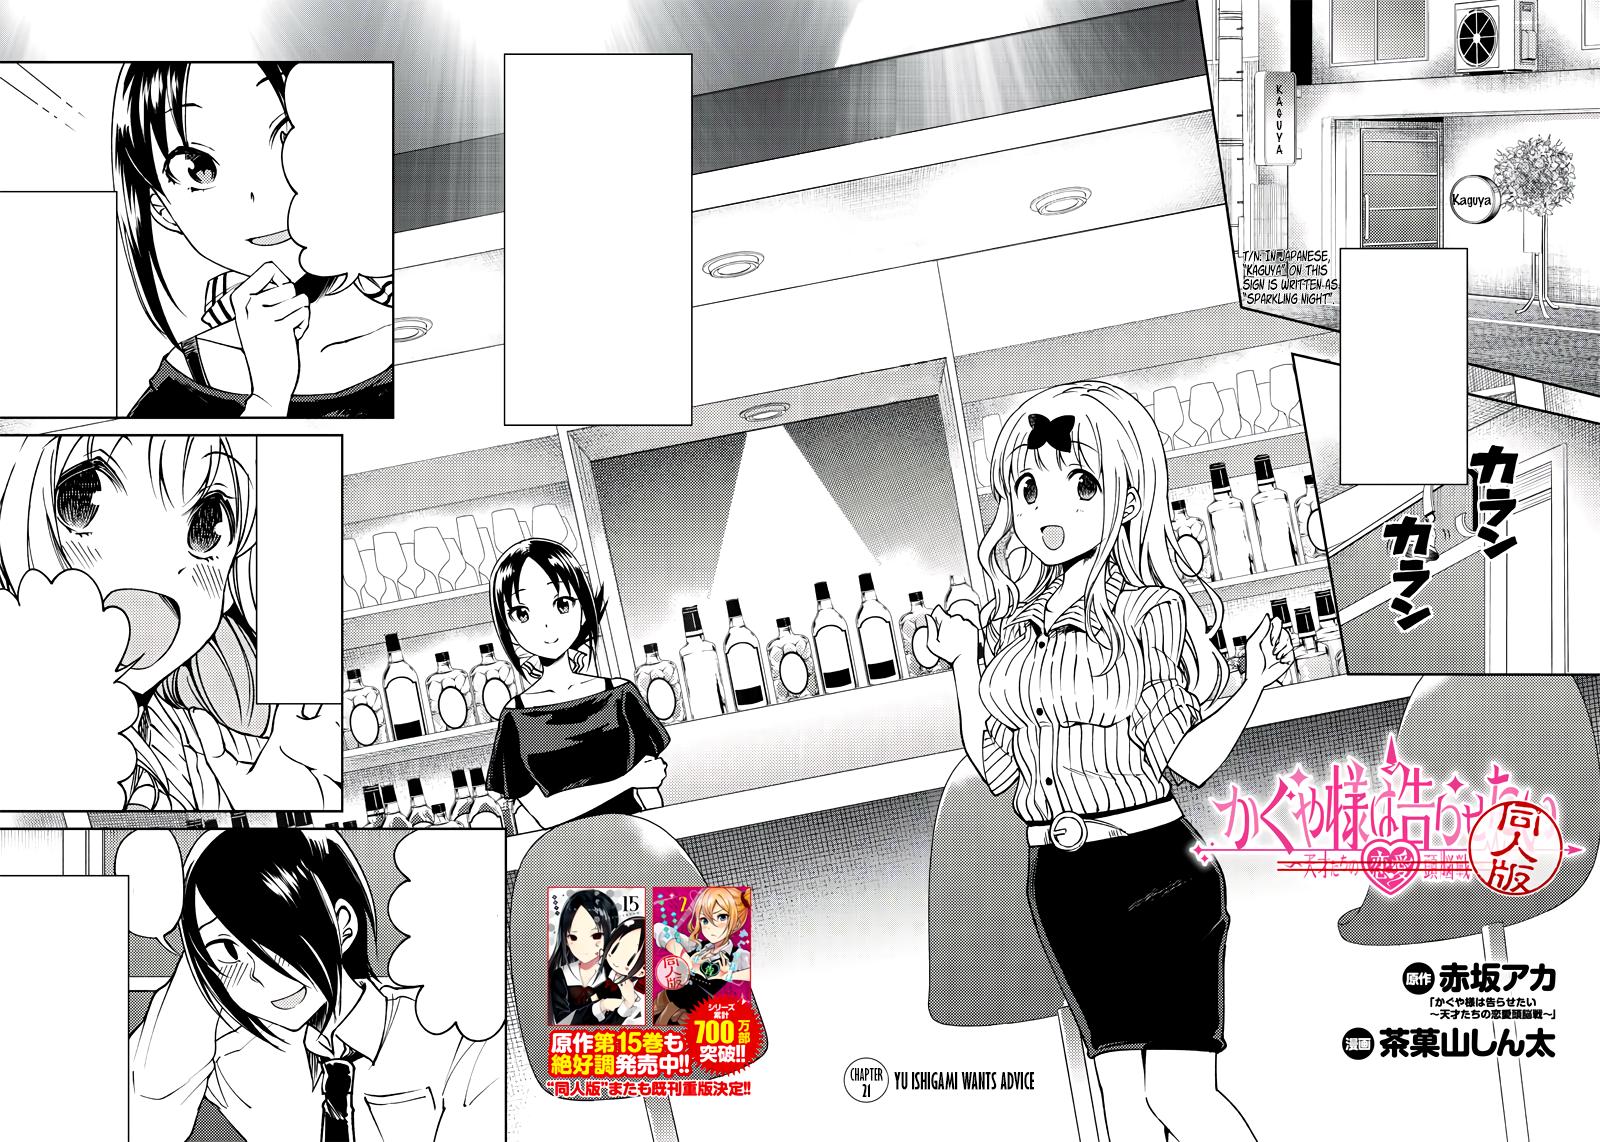 Doujinshi Chapter 21